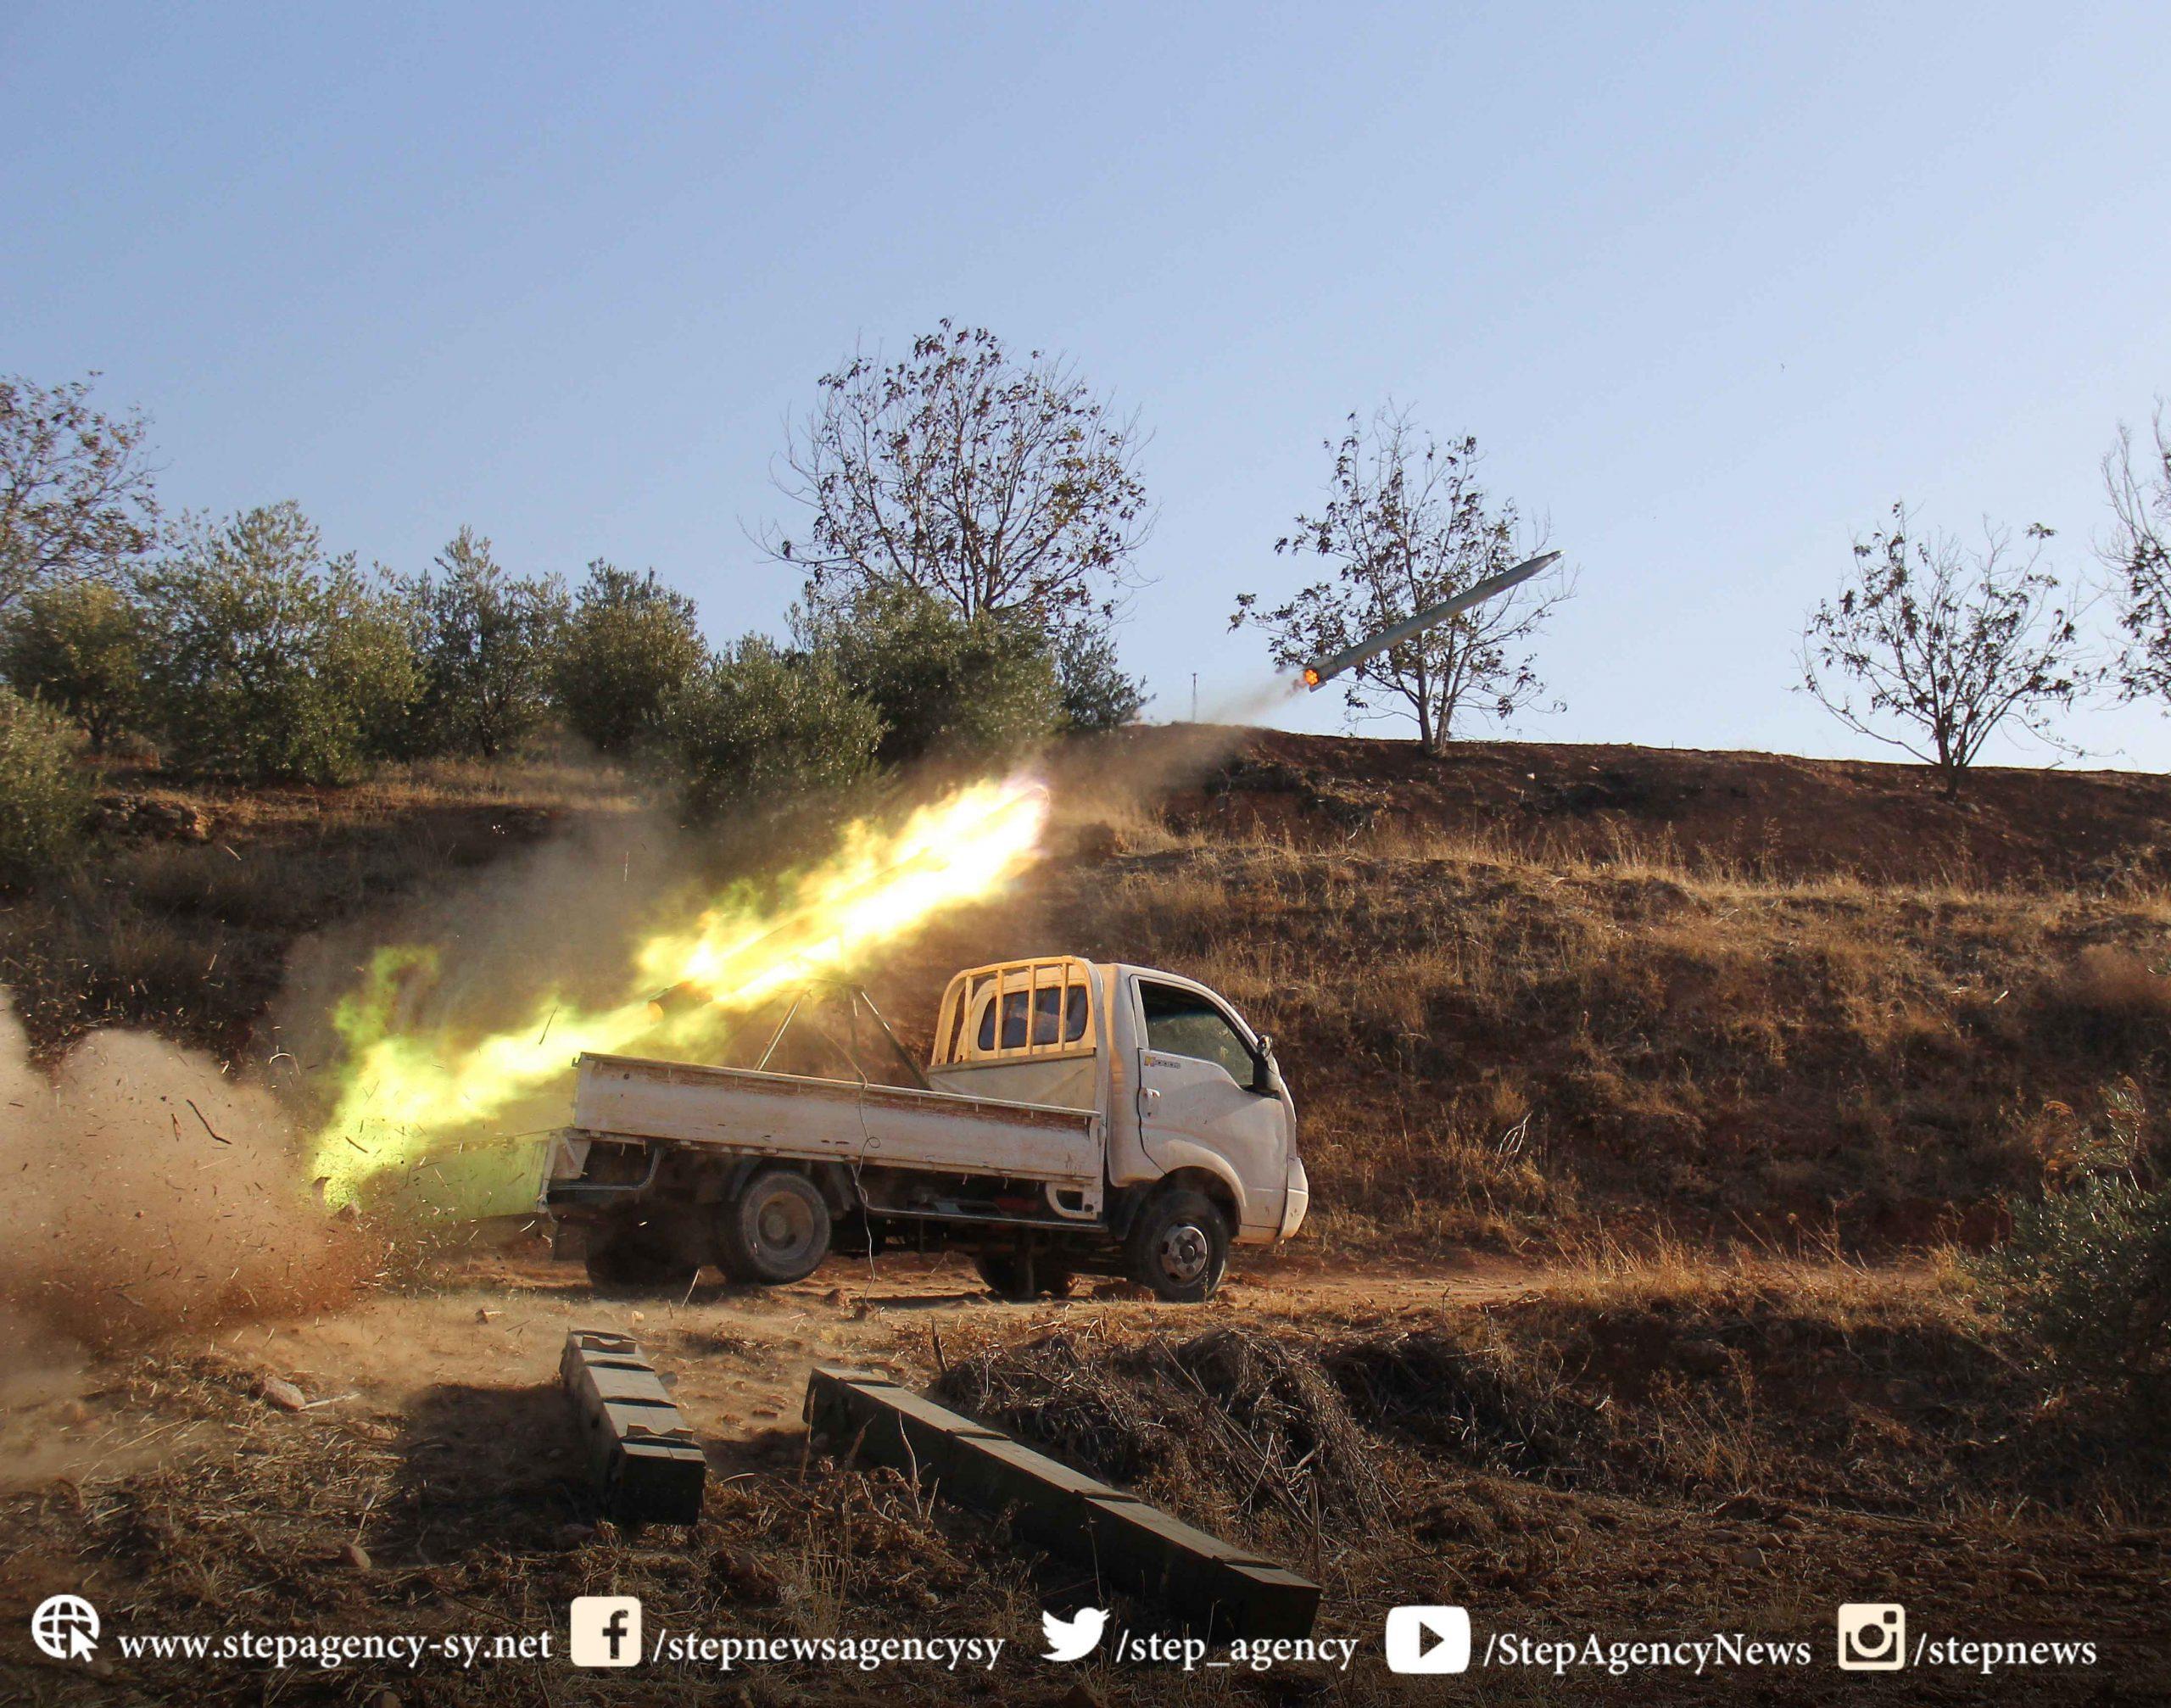 قصف متبادل بين النظام السوري وفصائل المعارضة السورية في اللاذقية وإدلب